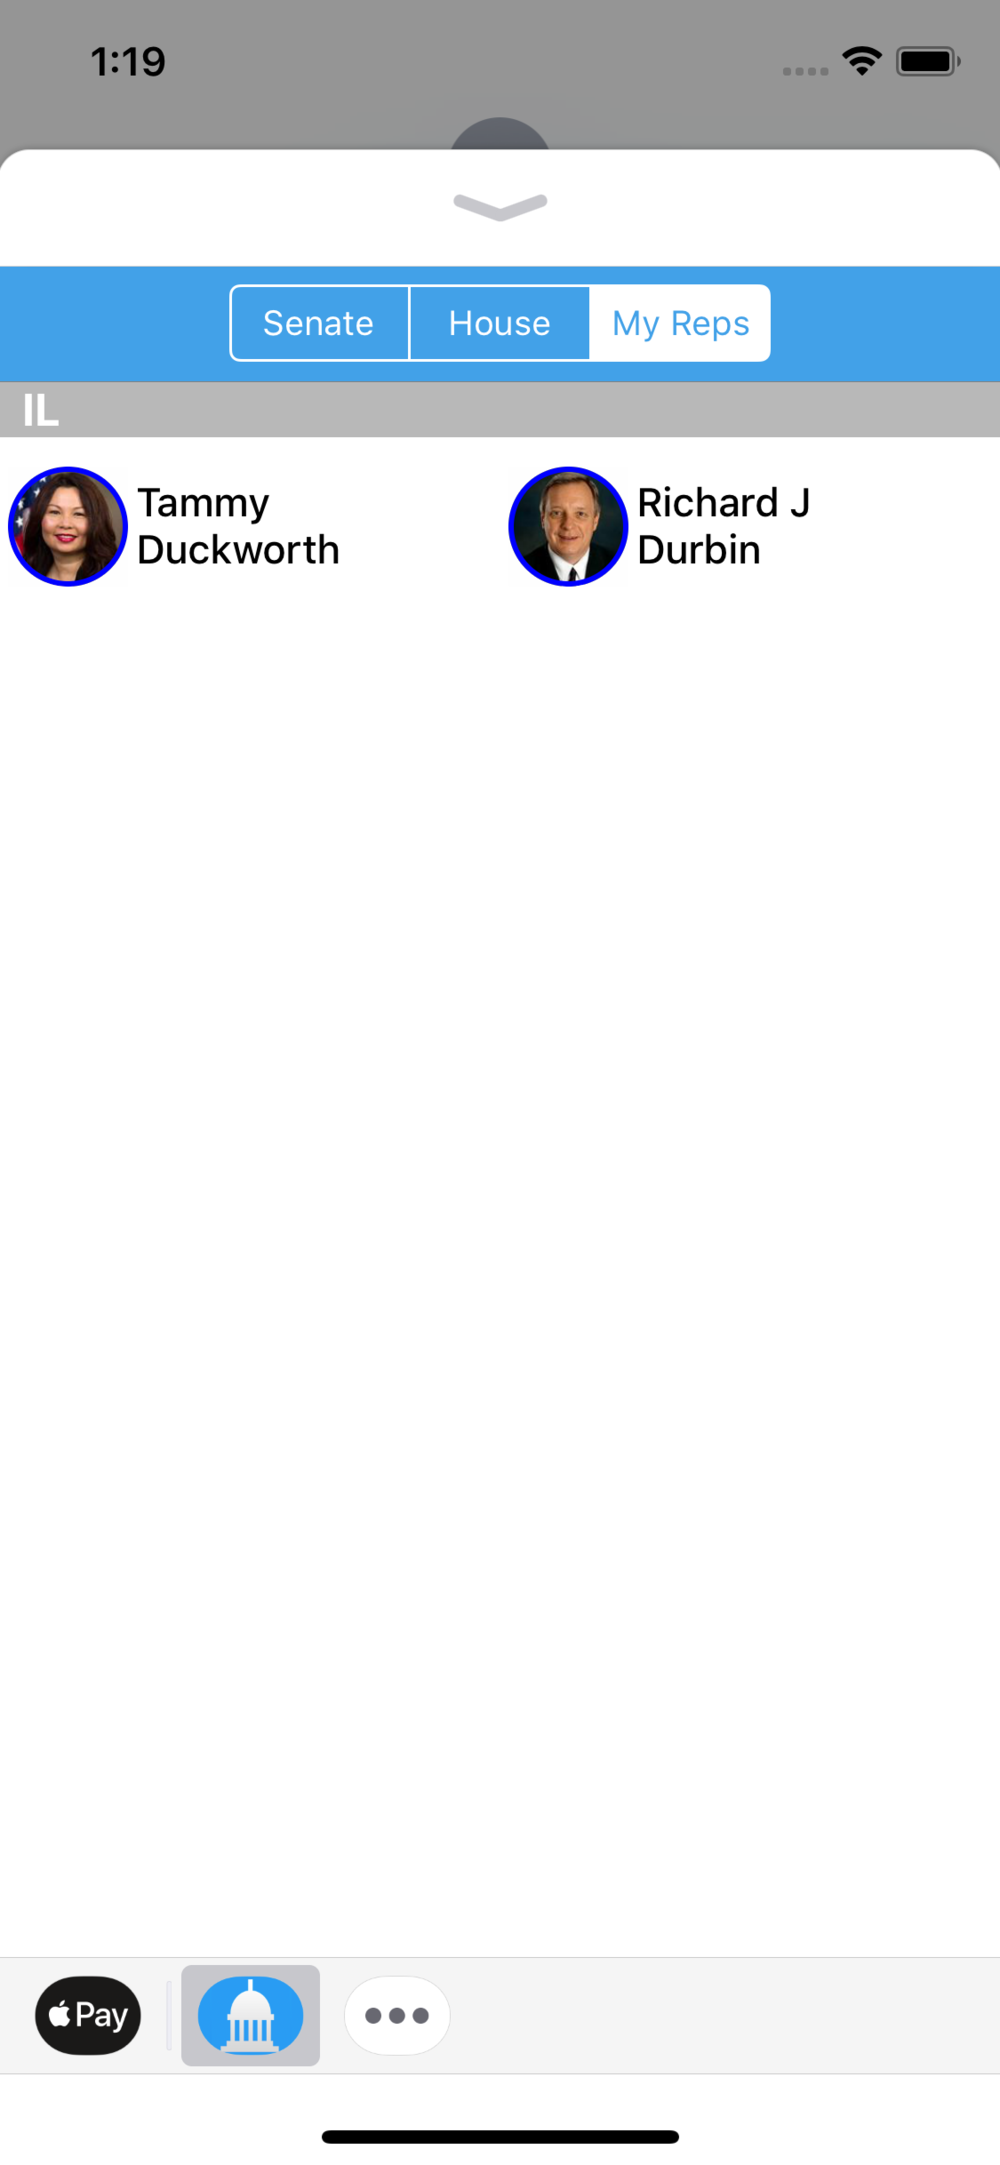 Simulator Screen Shot - iPhone X - 2017-12-31 at 13.19.01.png